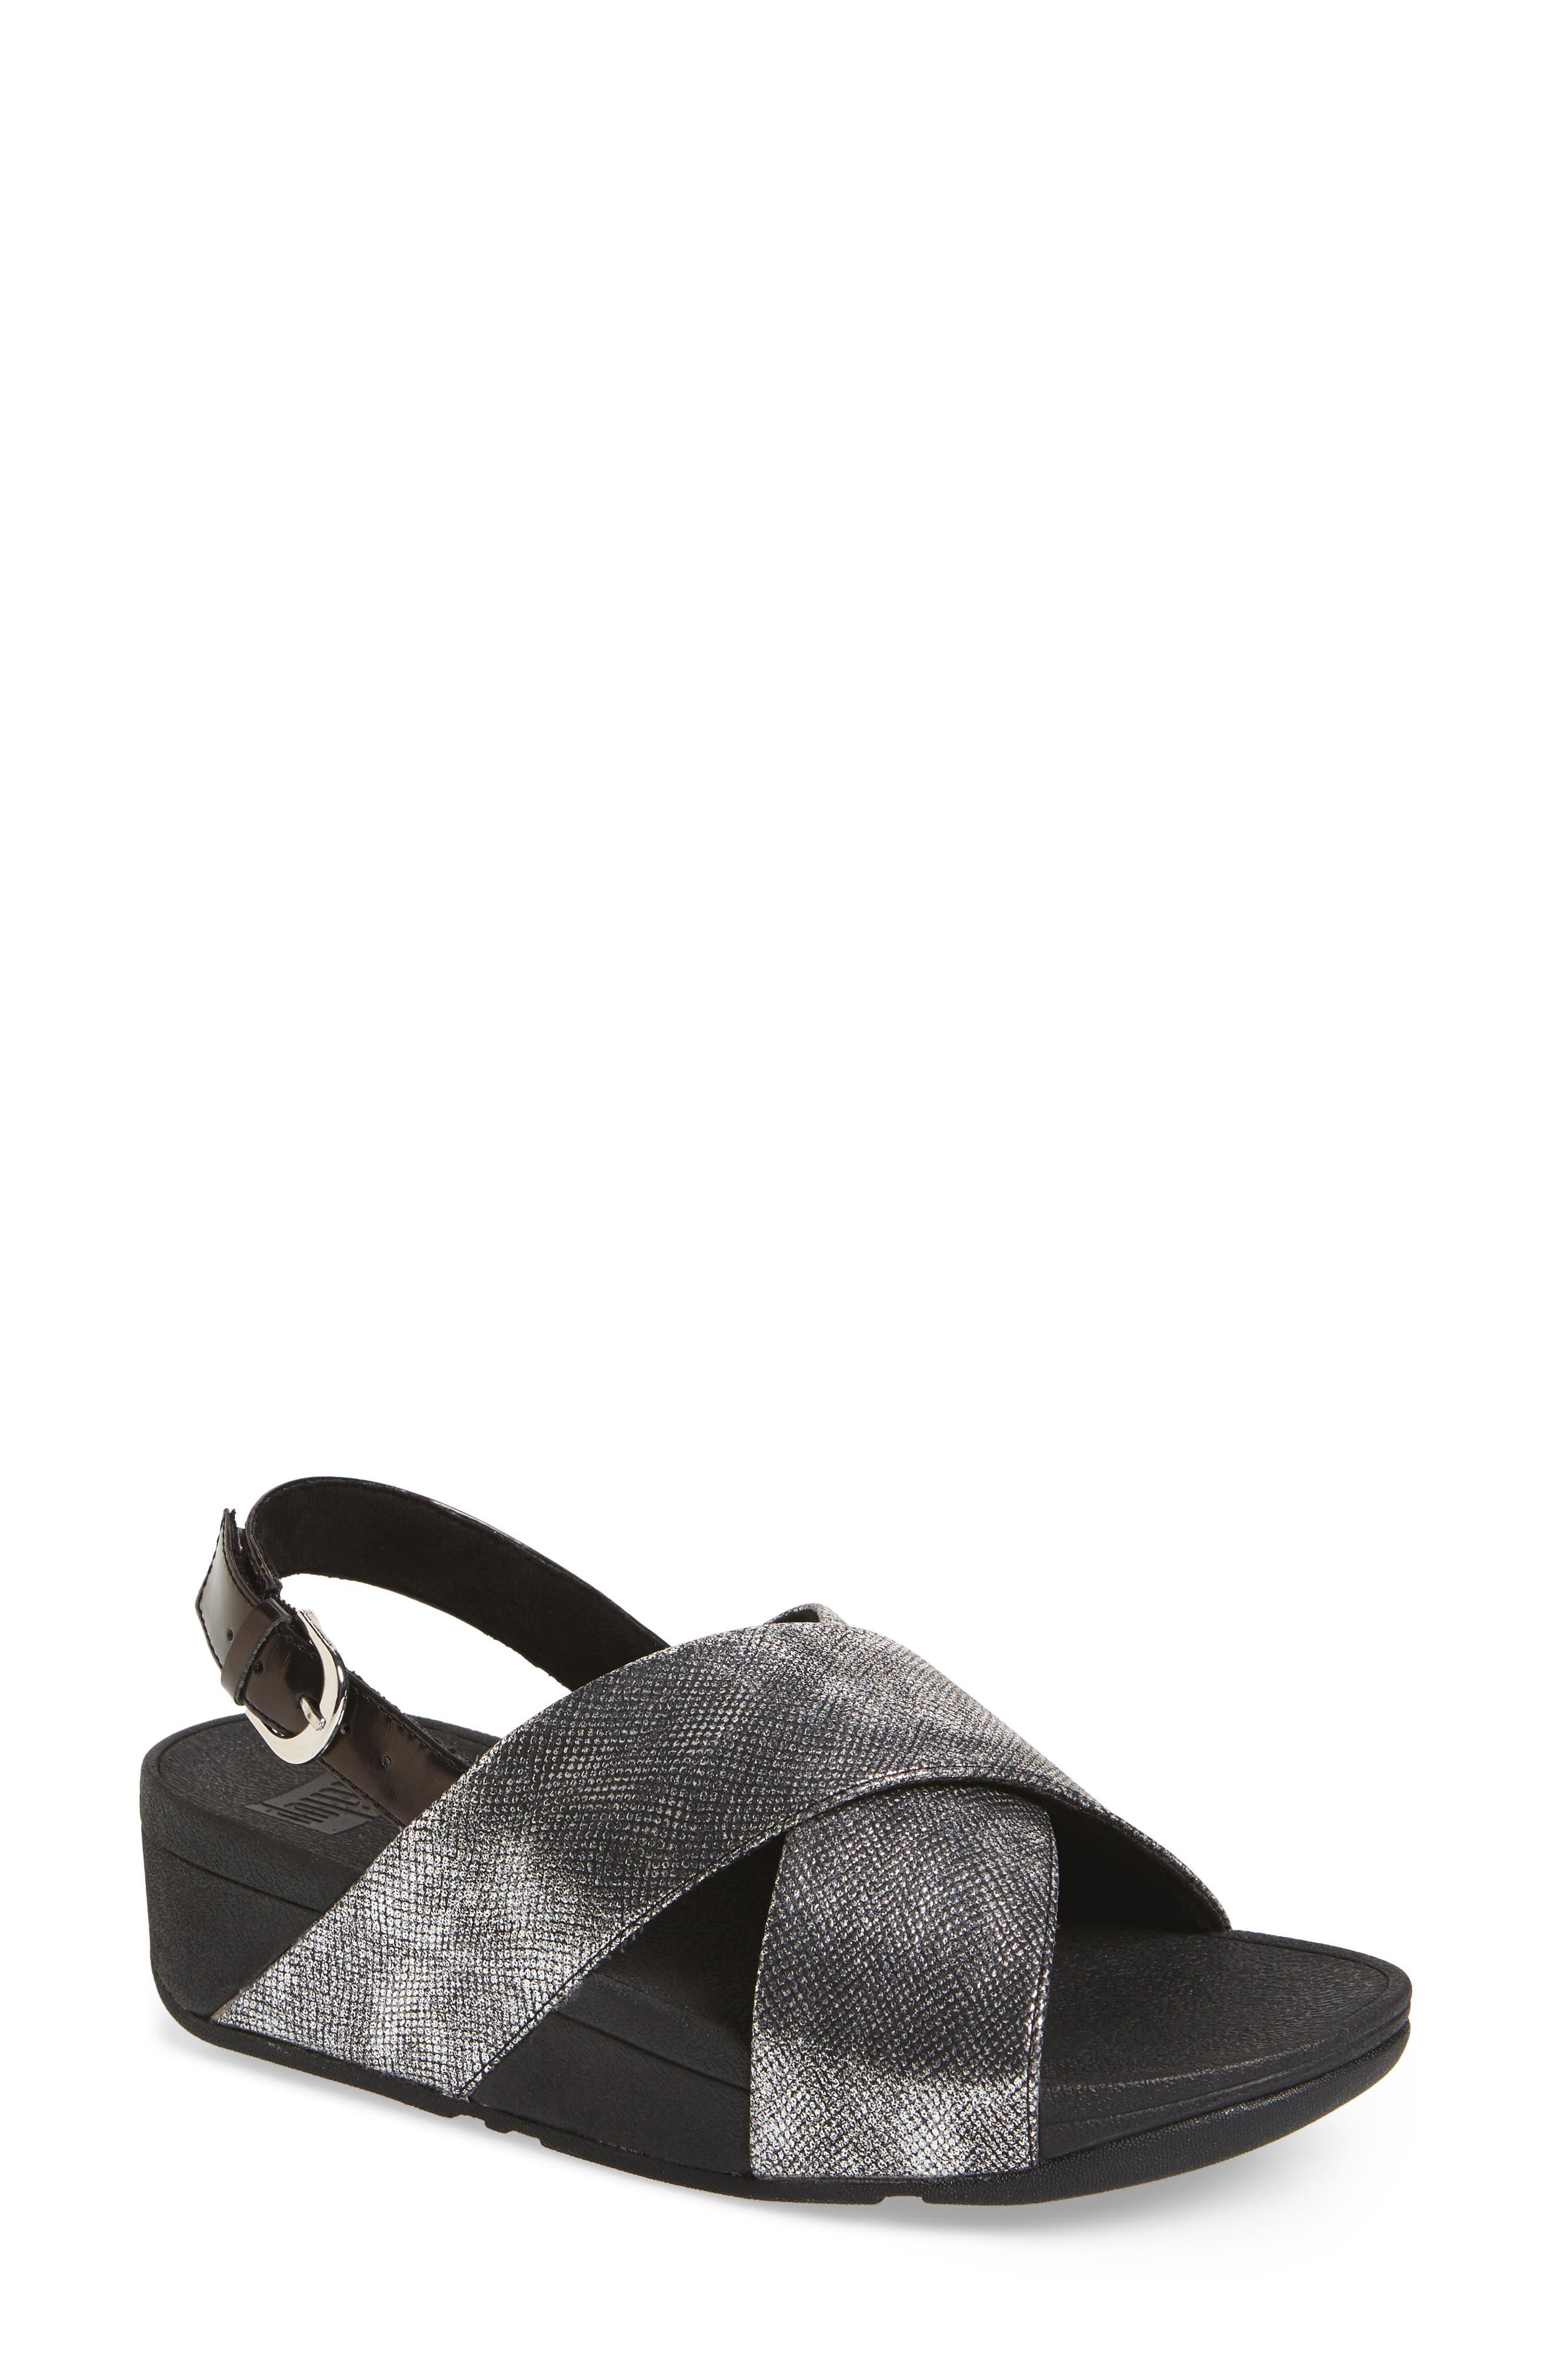 Fitflop Lulu Crisscross Sandal